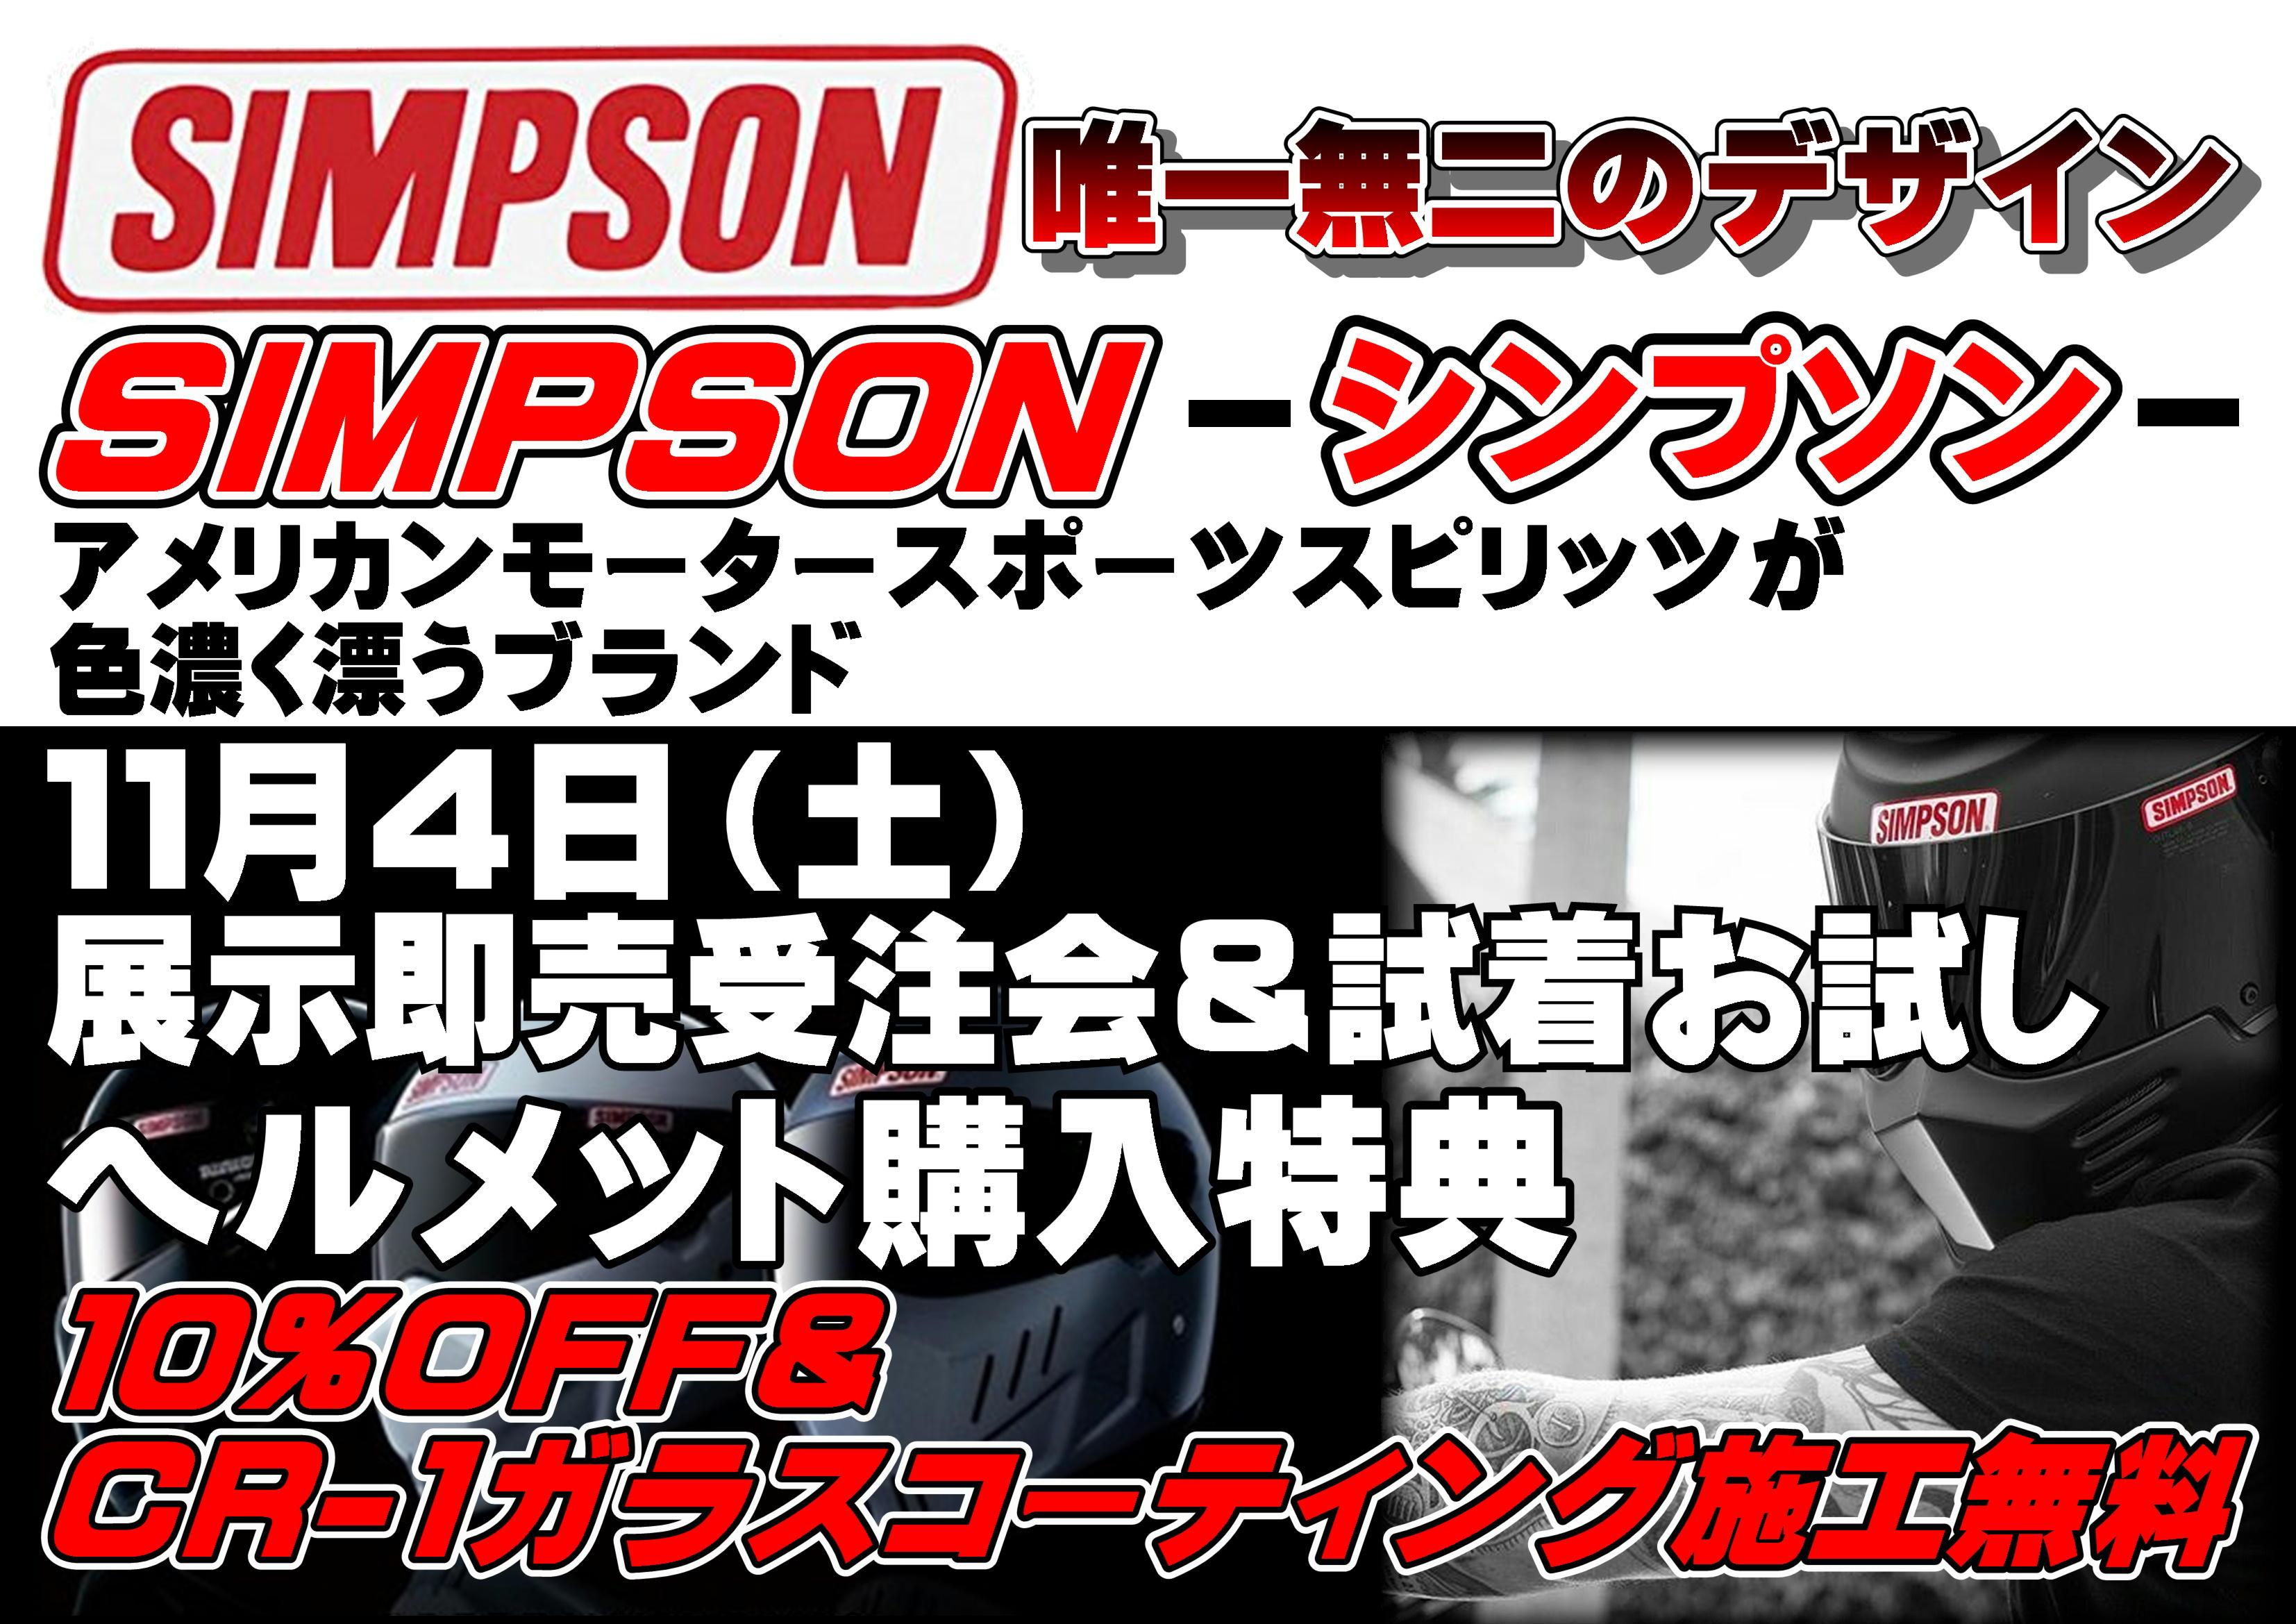 シンプソンイベントA1.JPG